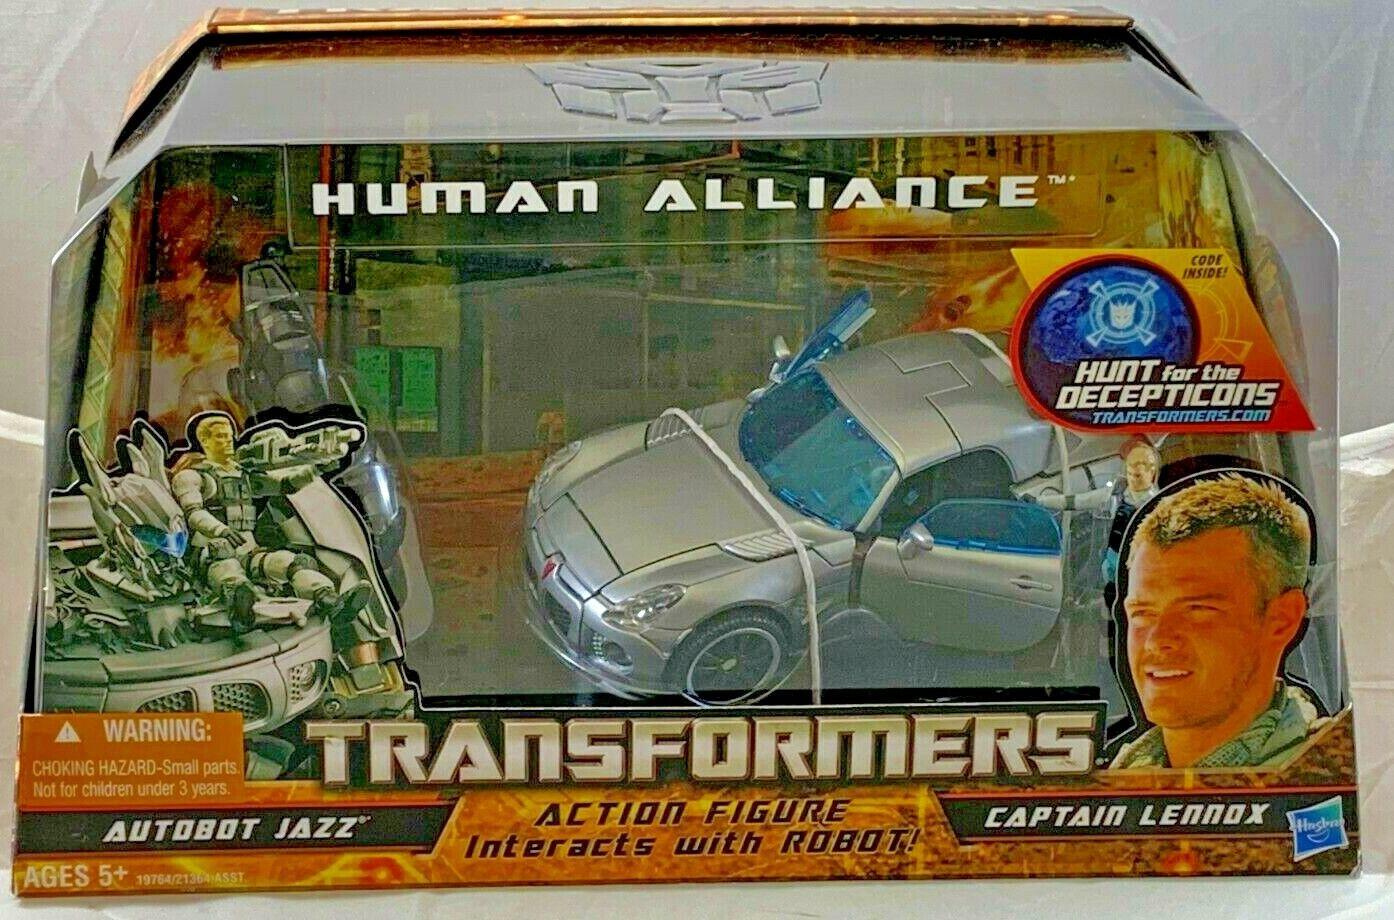 Menta en paquete HASBRO Transformers Autobot Jazz capitán Lennox Human Alliance Figura de acción